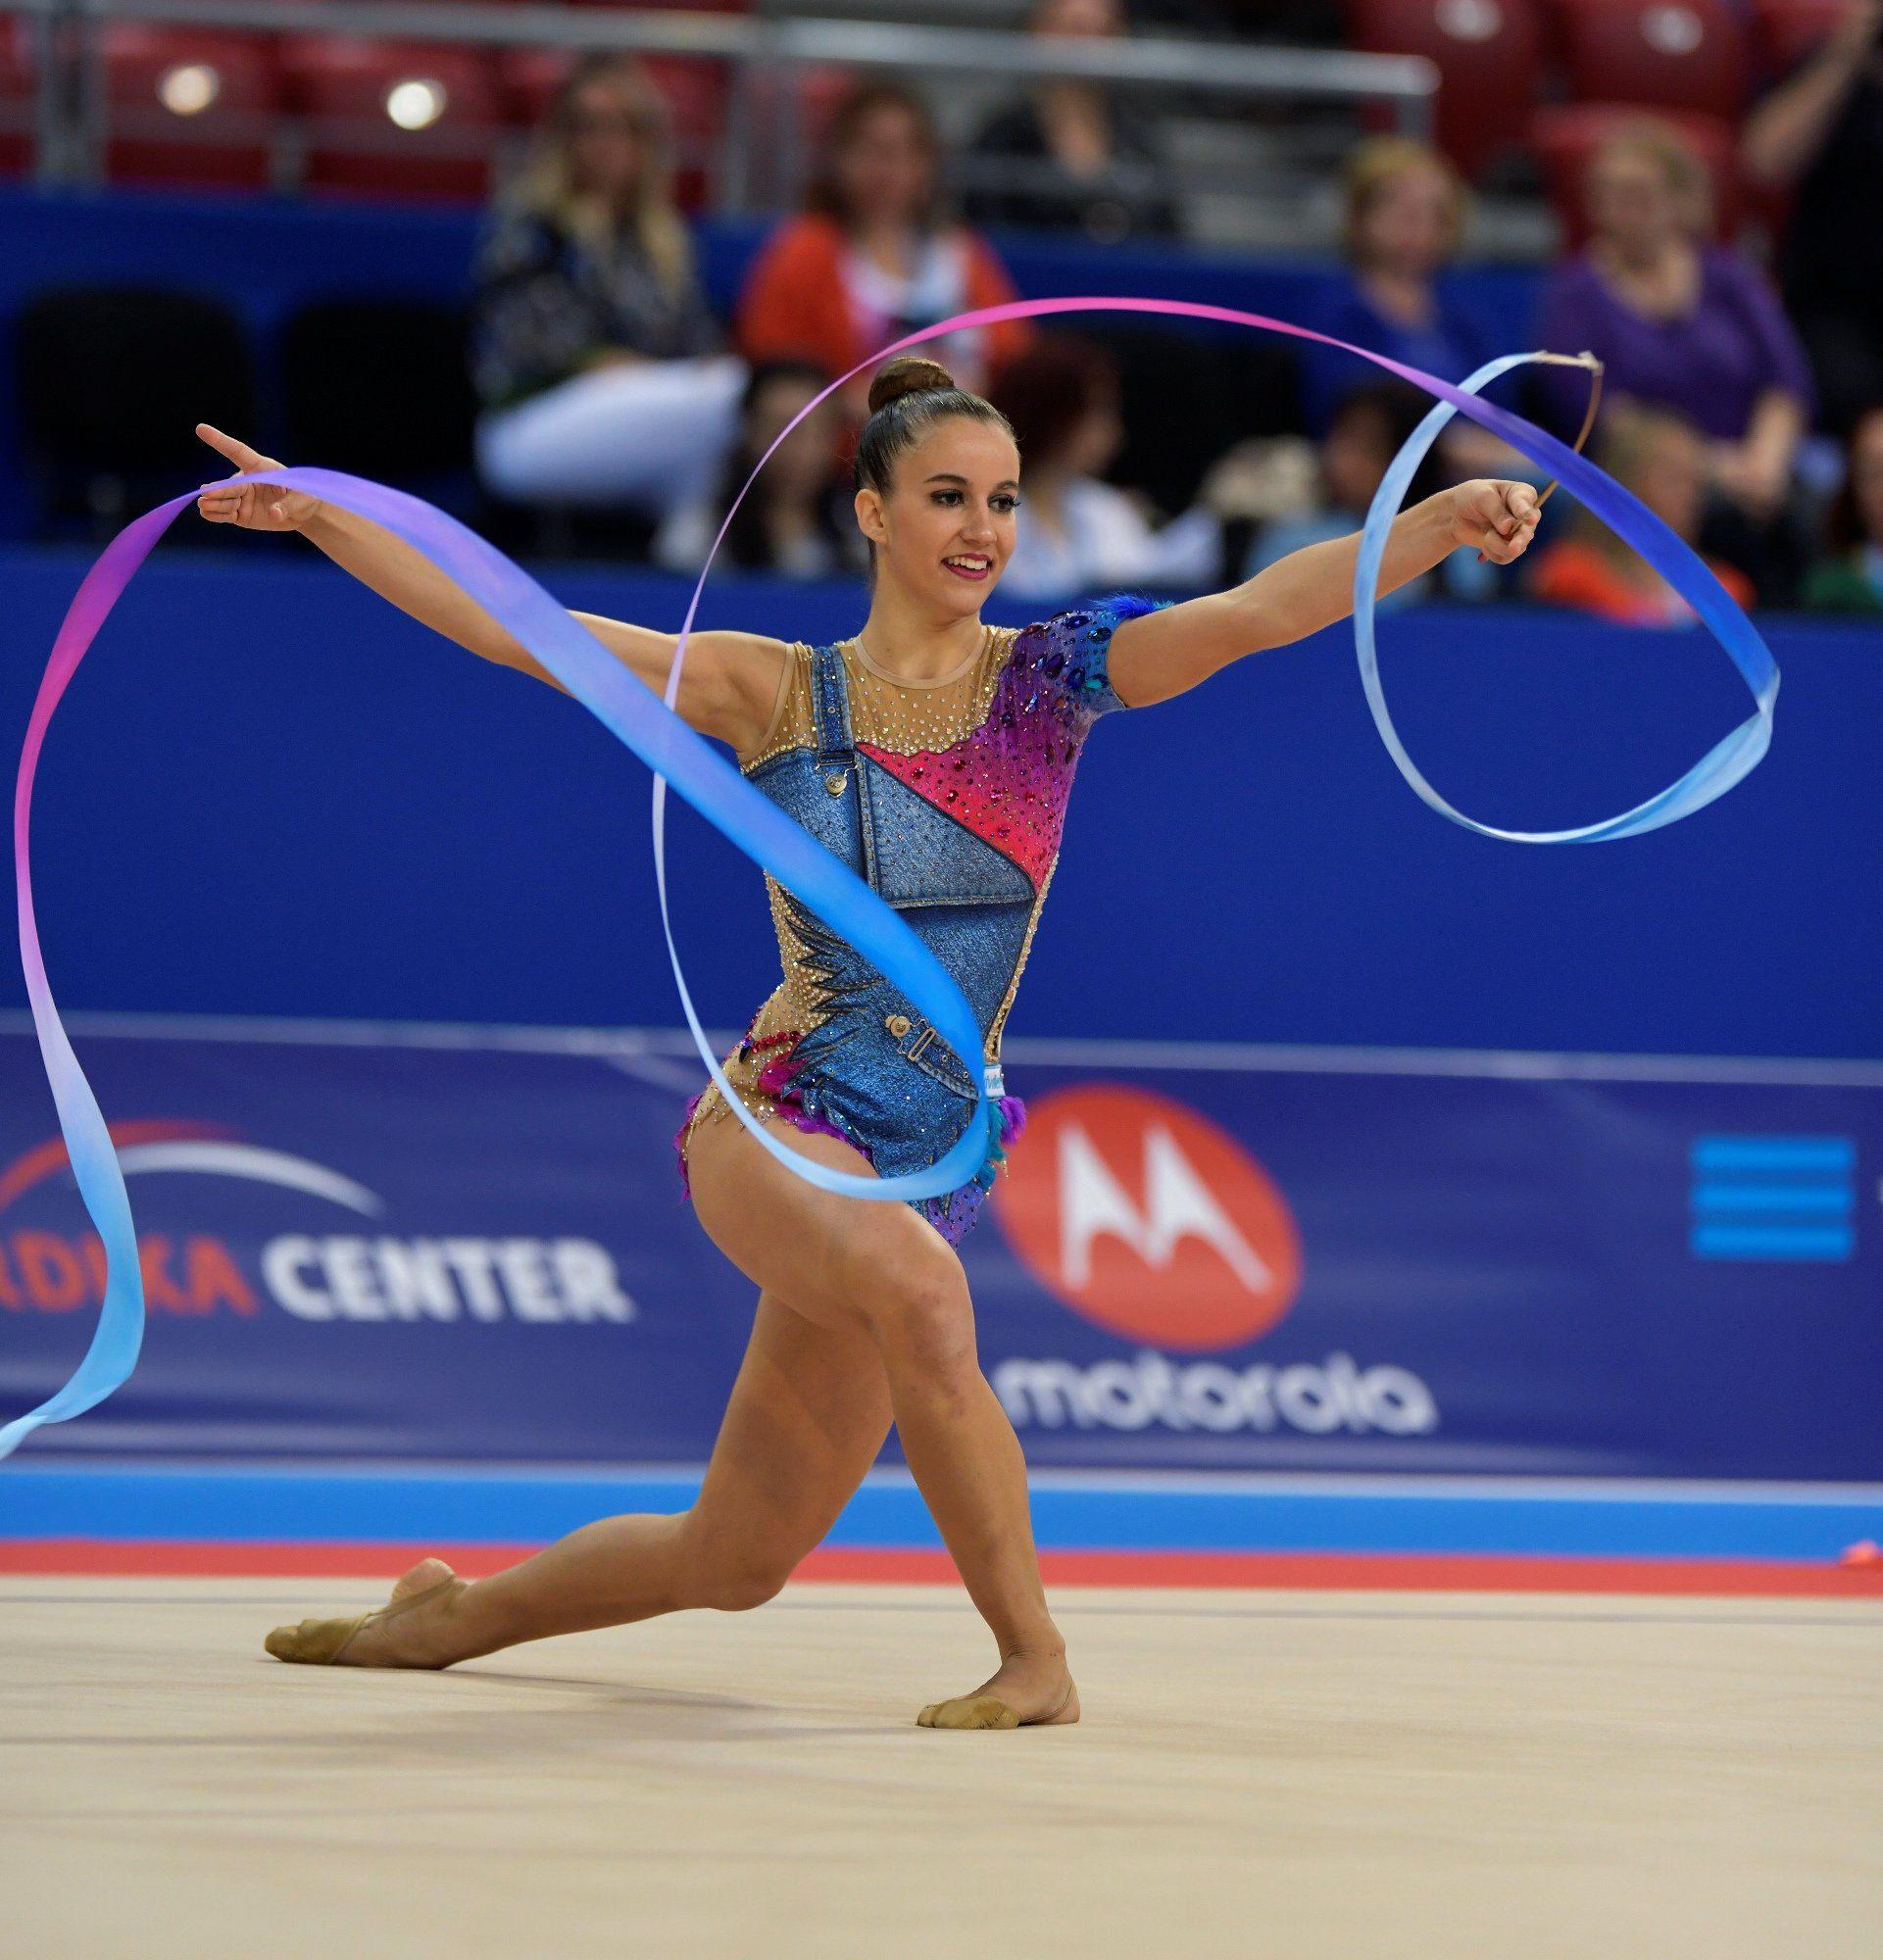 Υπέροχη η Ελένη Κελαϊδίτη στον τελικό